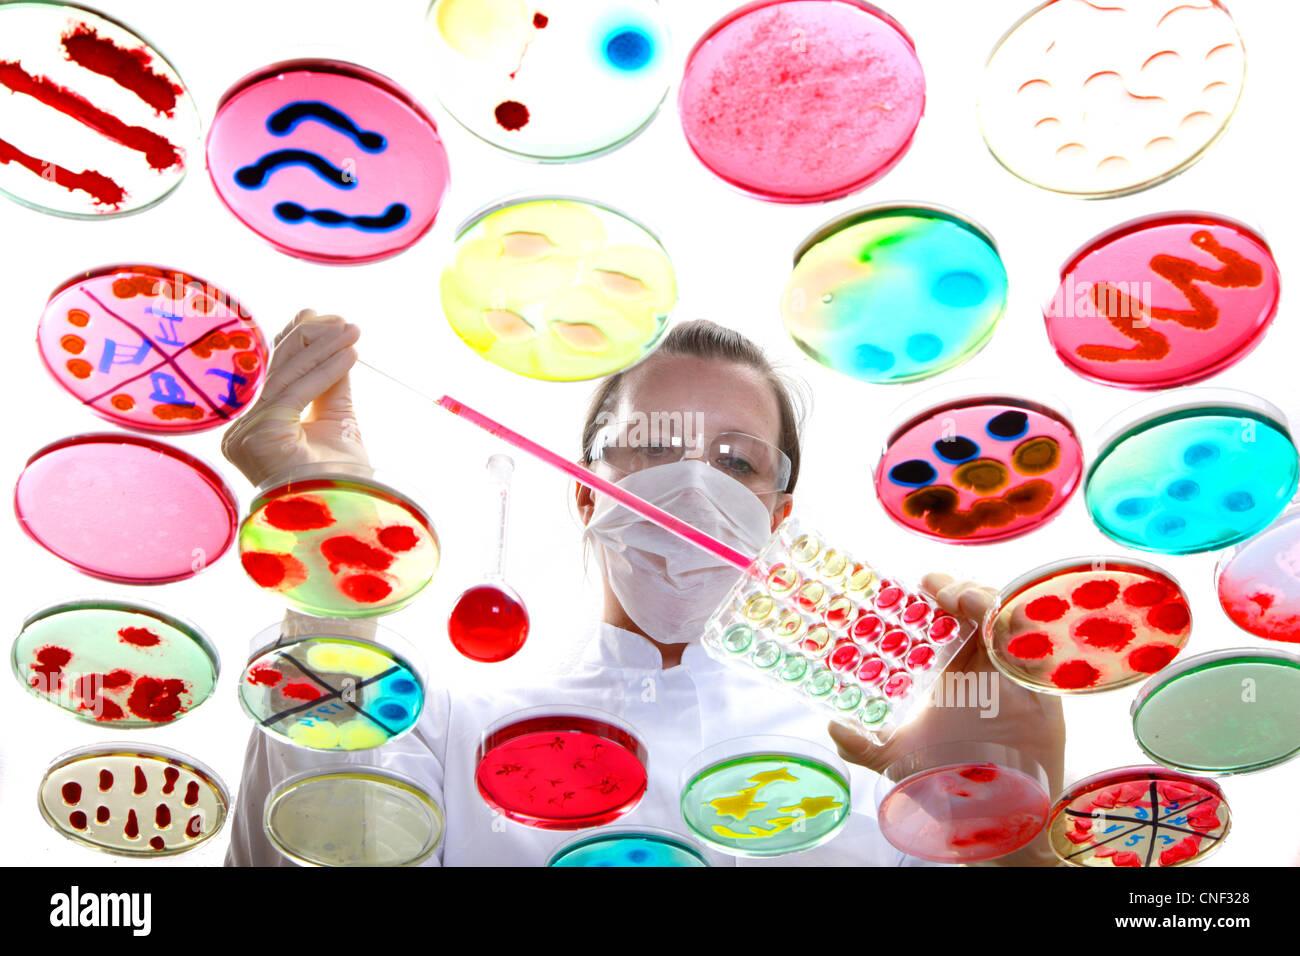 Labor, biologische, chemische. Analyse der bakteriellen Kulturen von Bakterien wachsen in Petrischalen. Stockbild